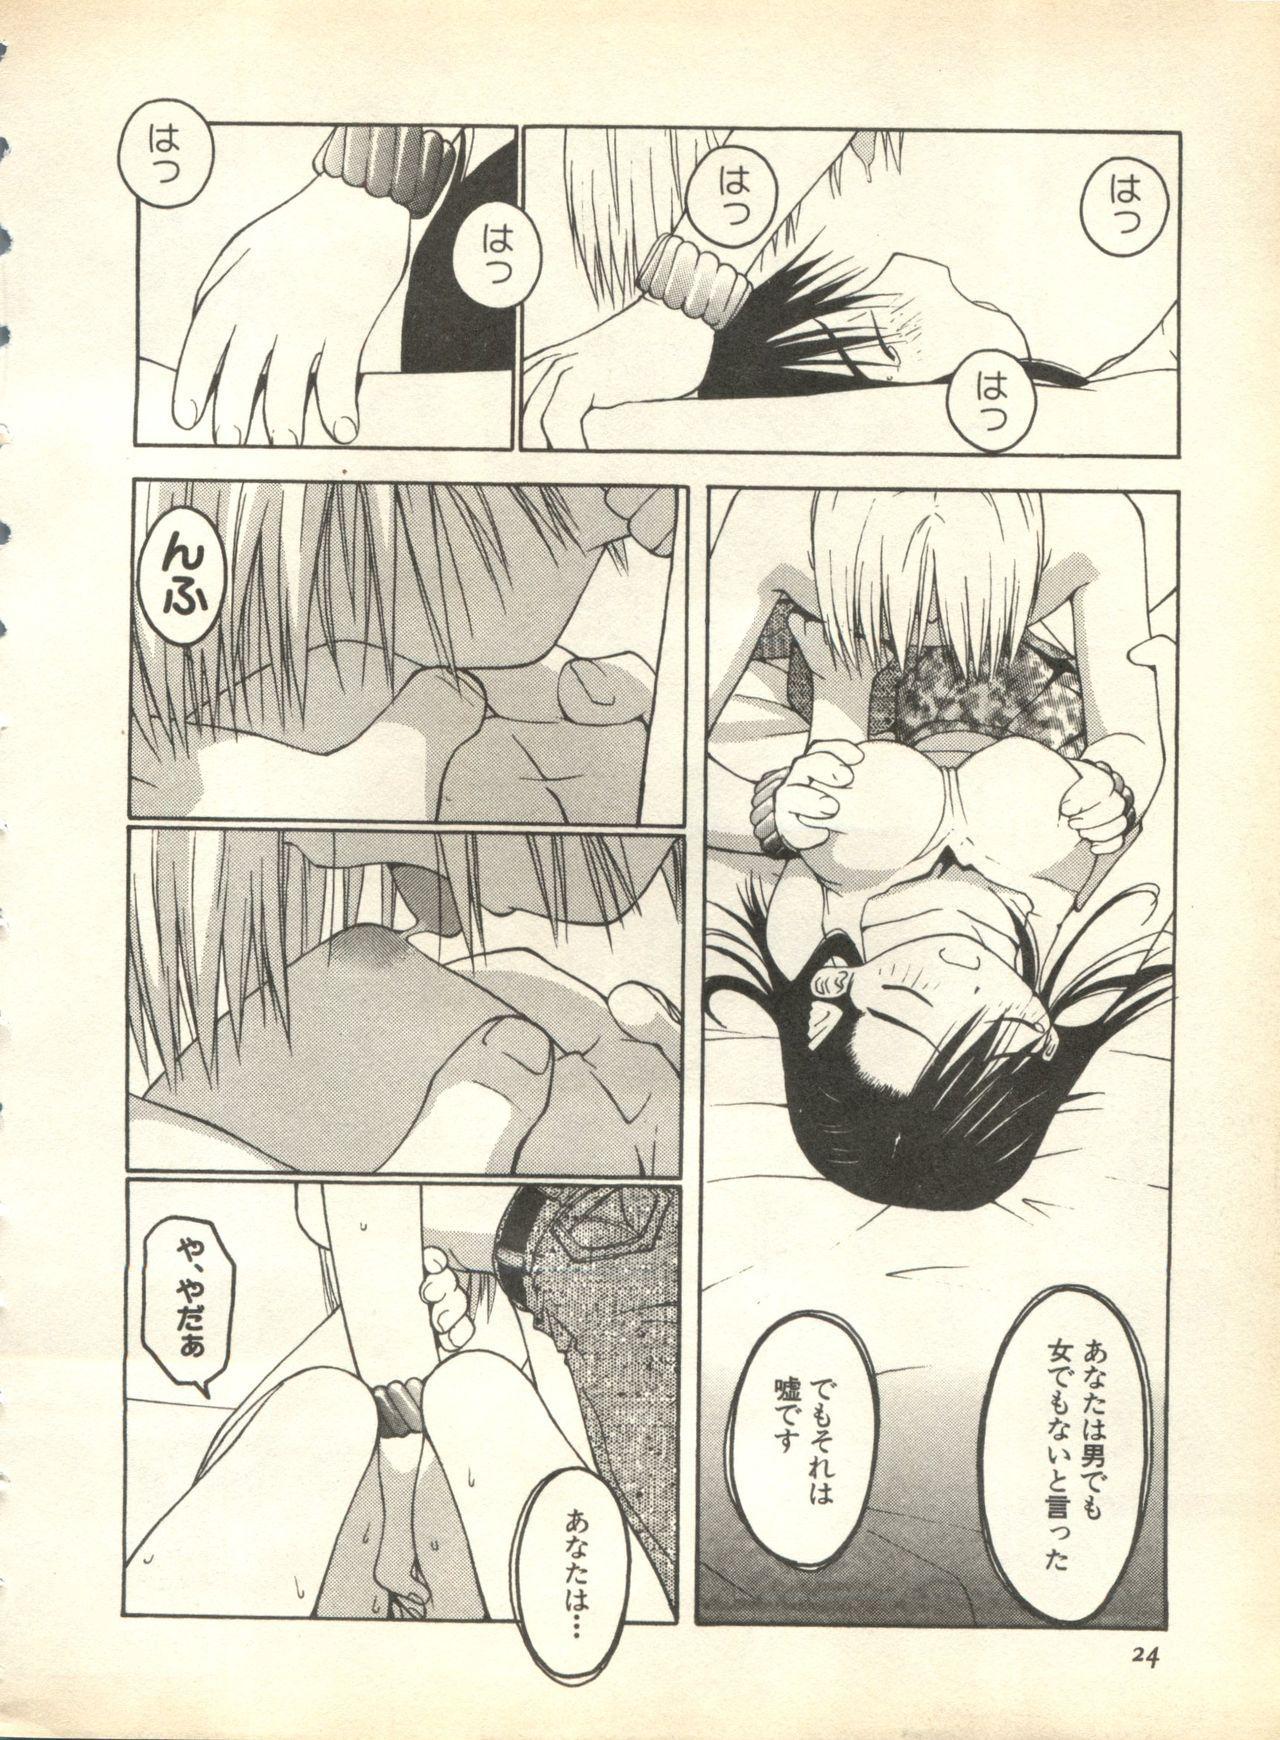 Pai;kuu 1998 October Vol. 13 23